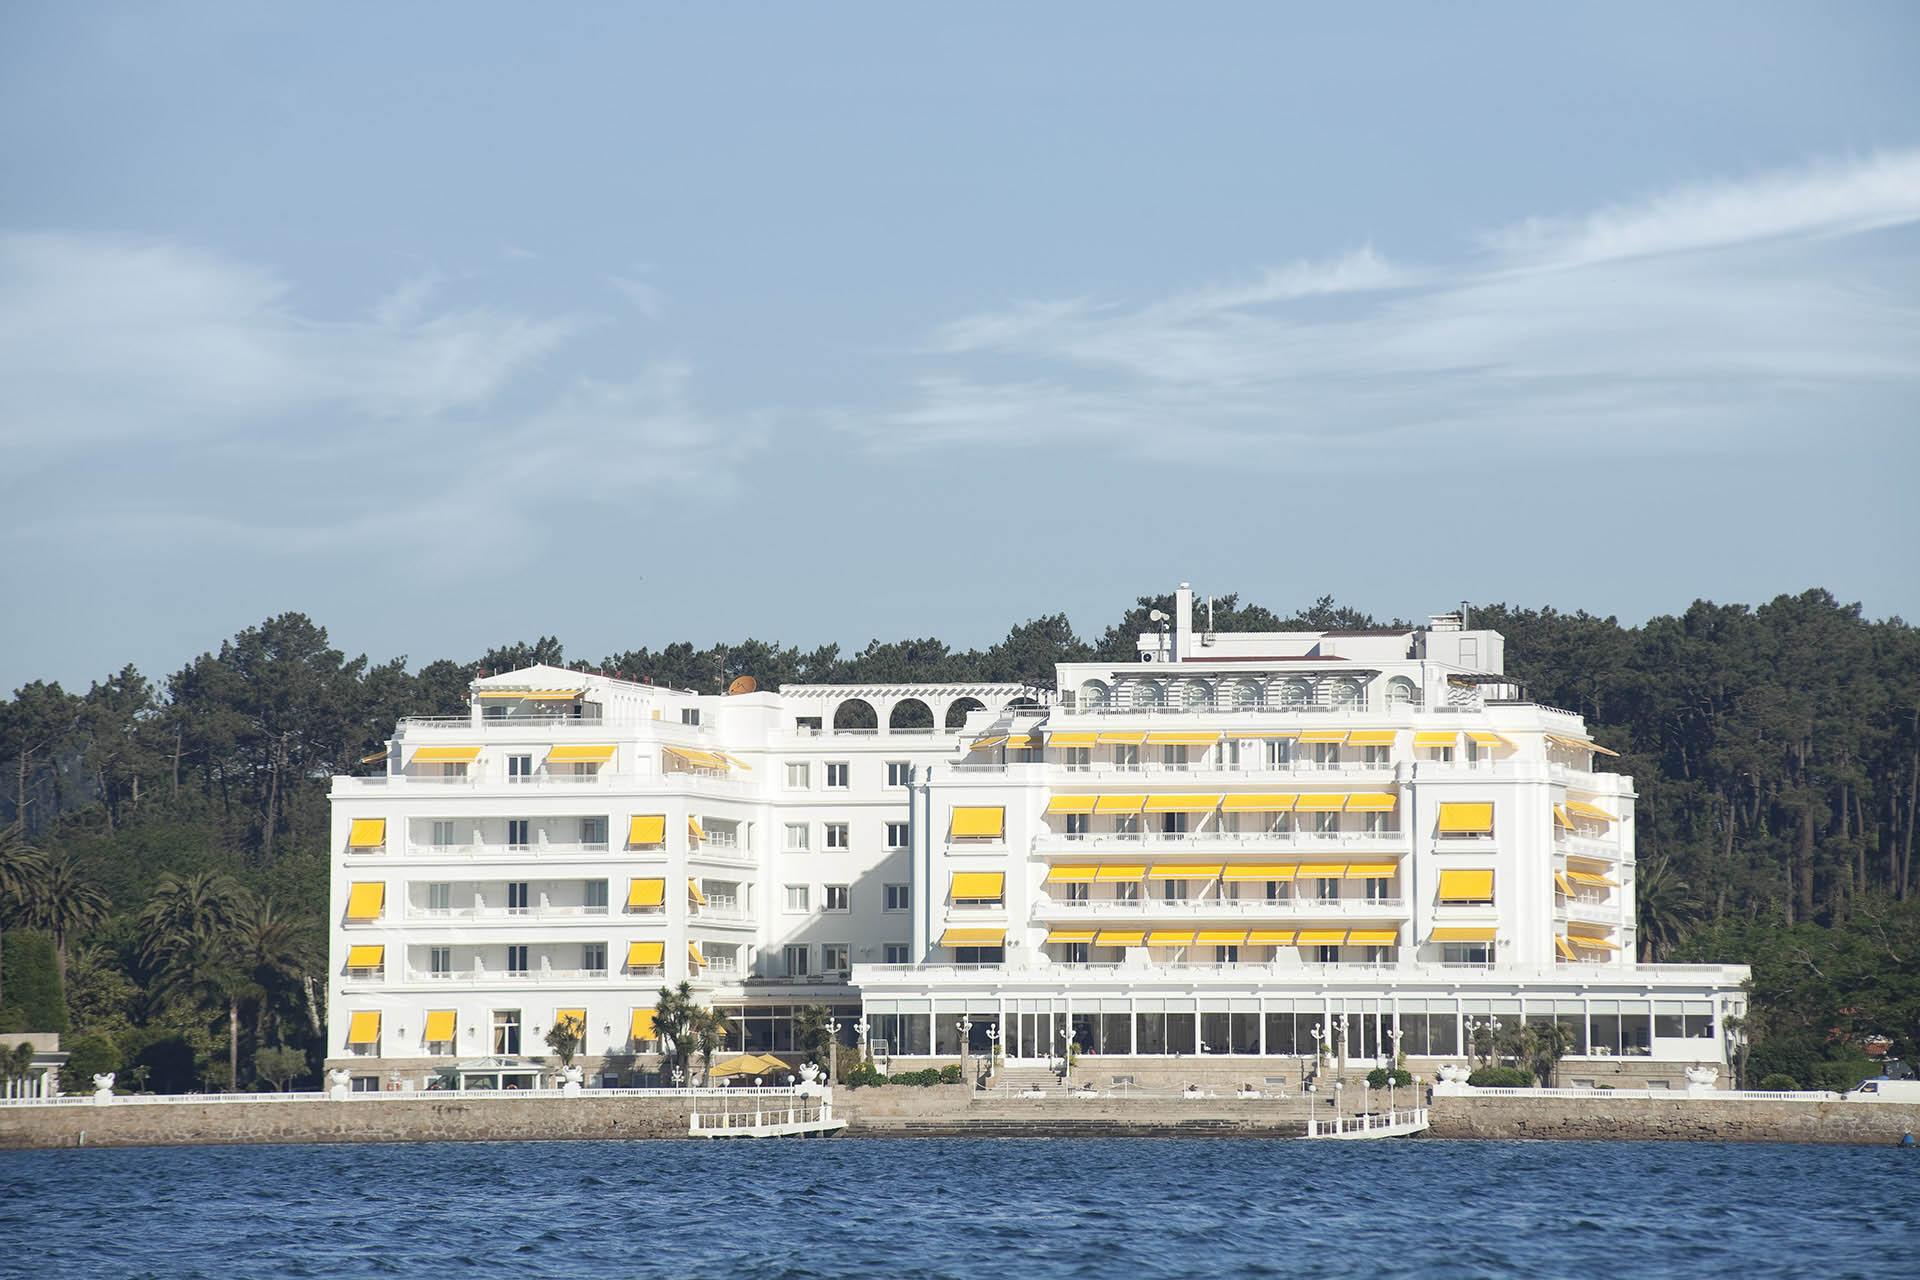 Hostelería Gran Hotel La Toja : 7